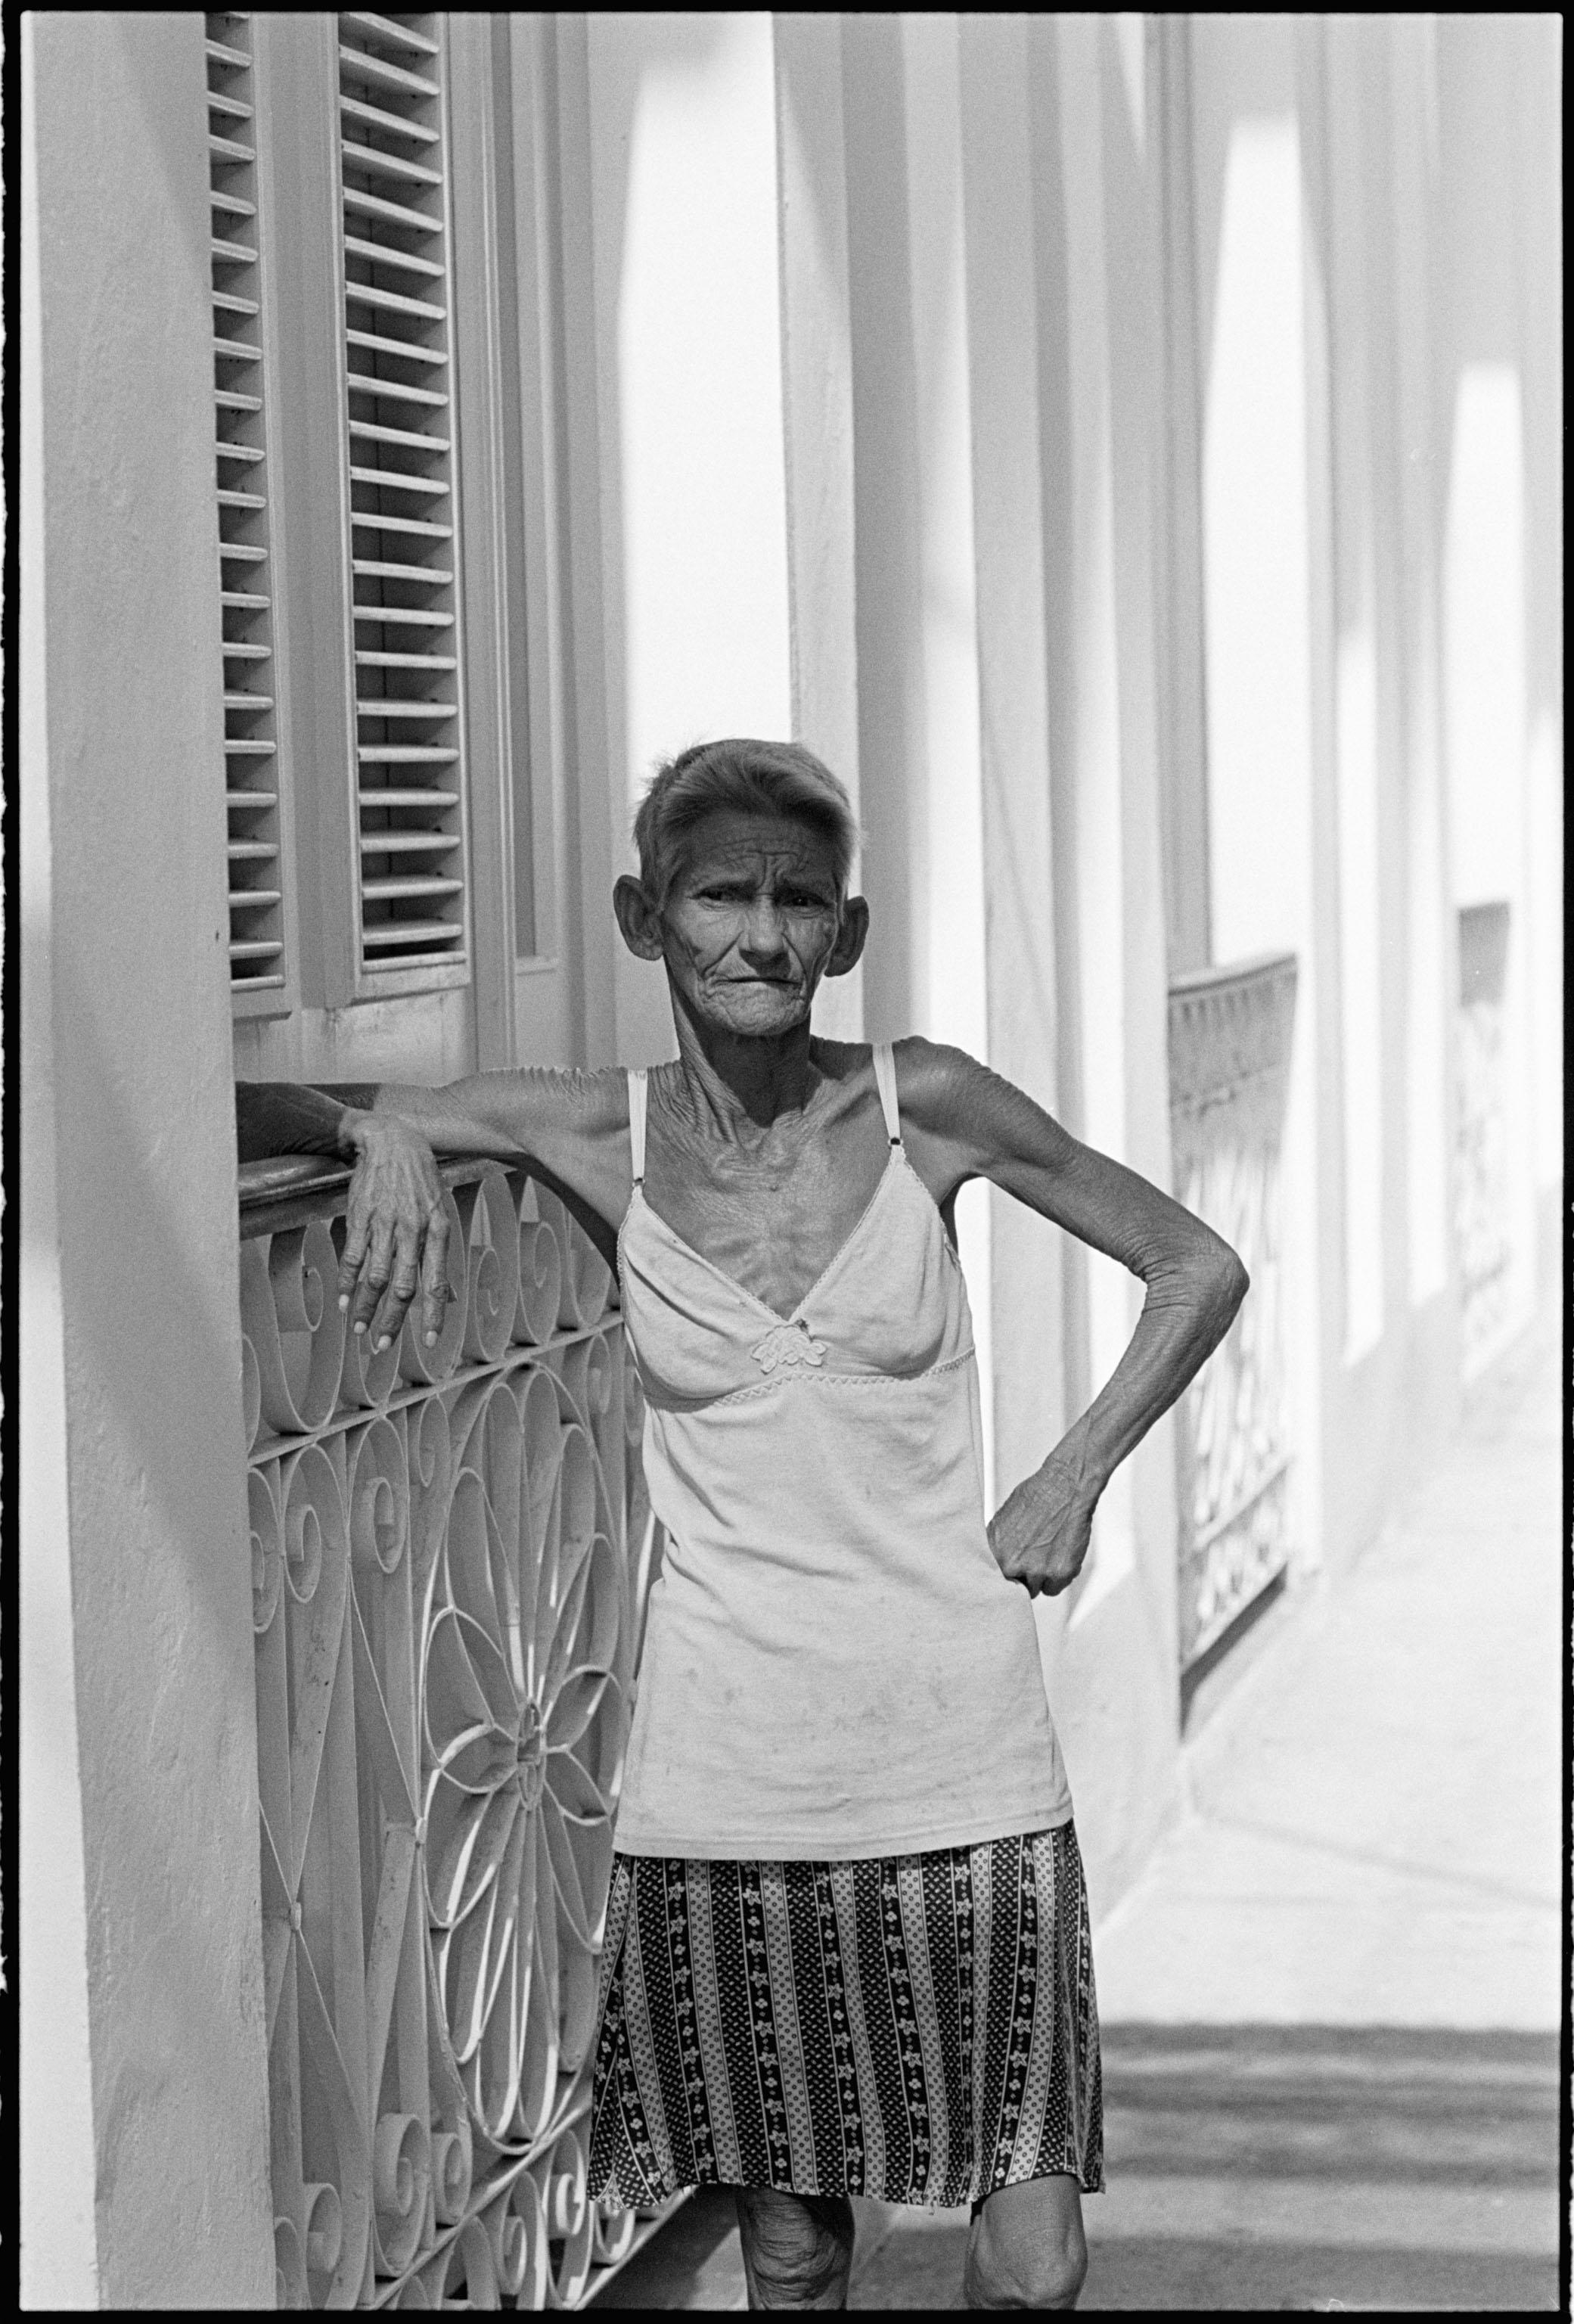 CUBA_HAVANA_8A-29A